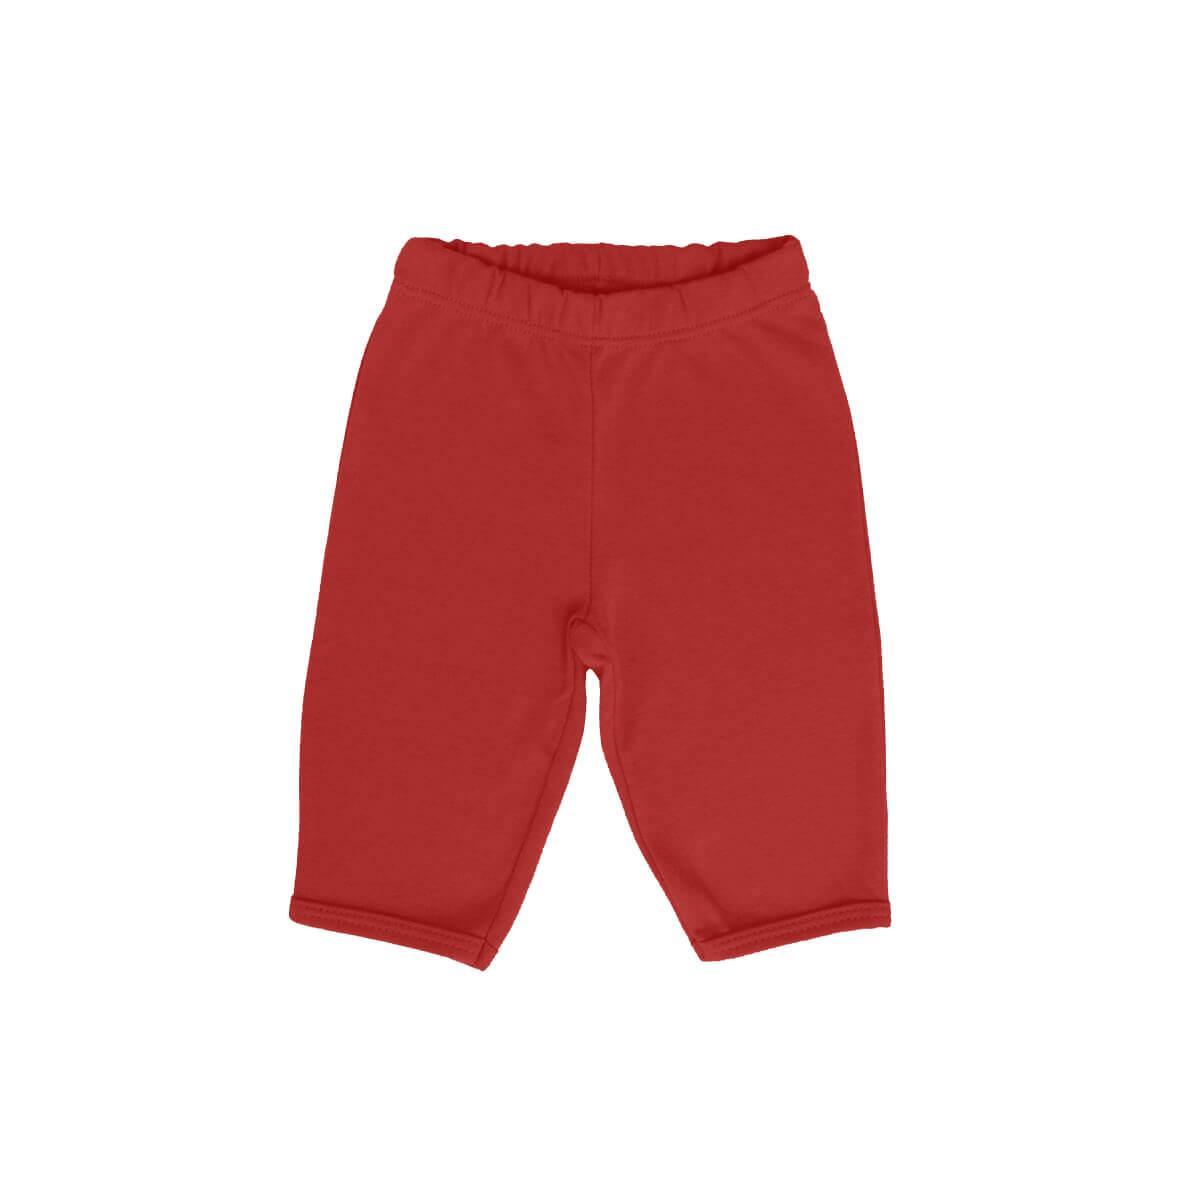 Calça Básica Vermelha